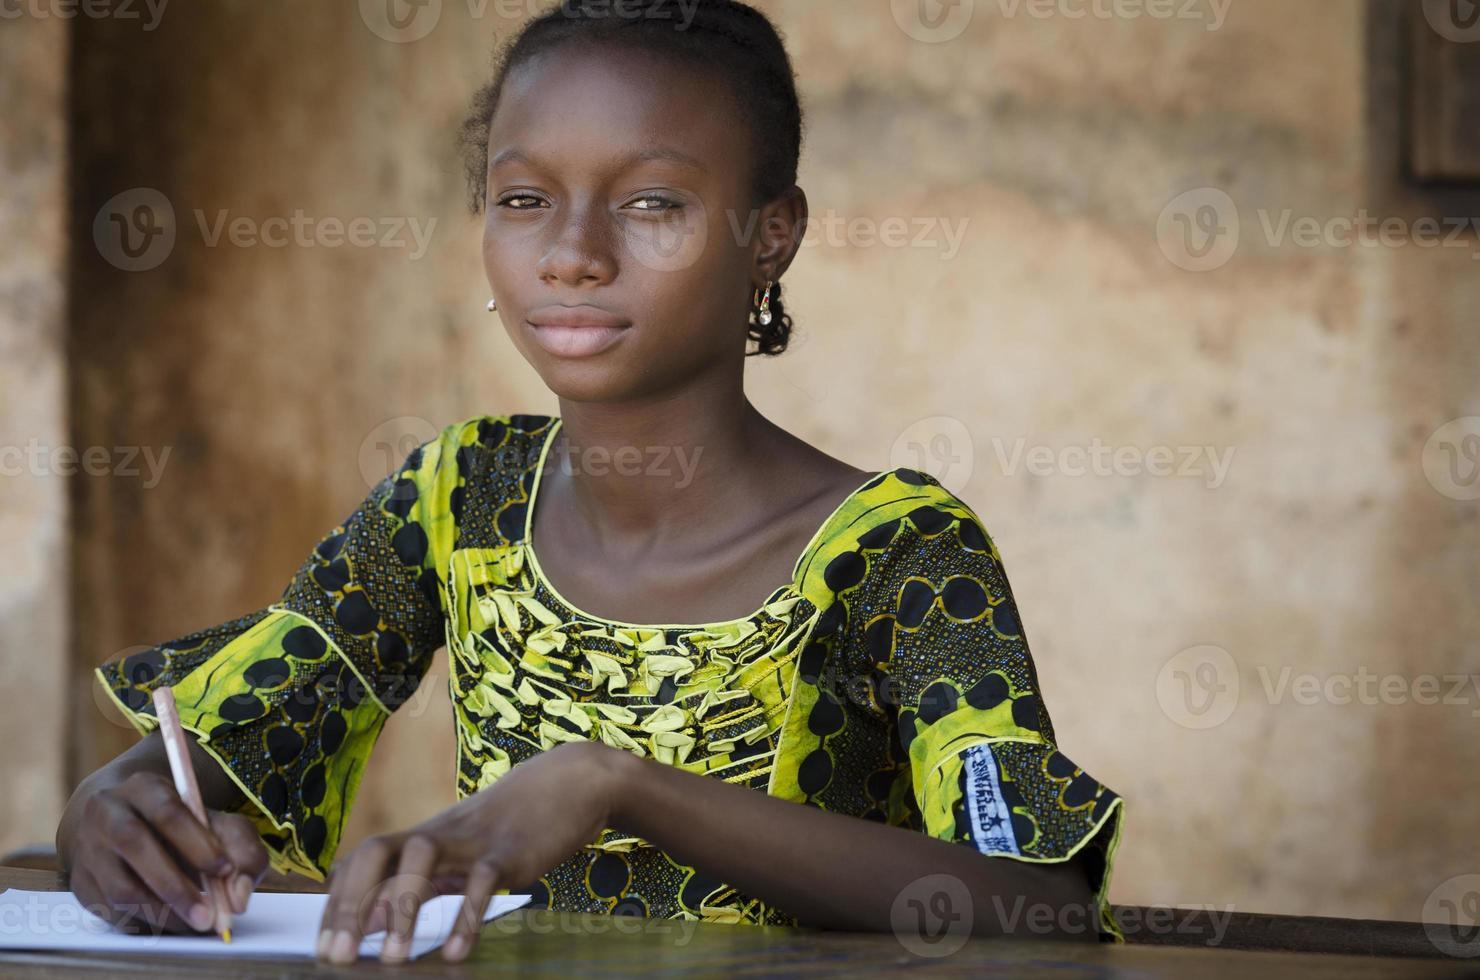 símbolo de educação - estudante adolescente Africano volta às aulas foto